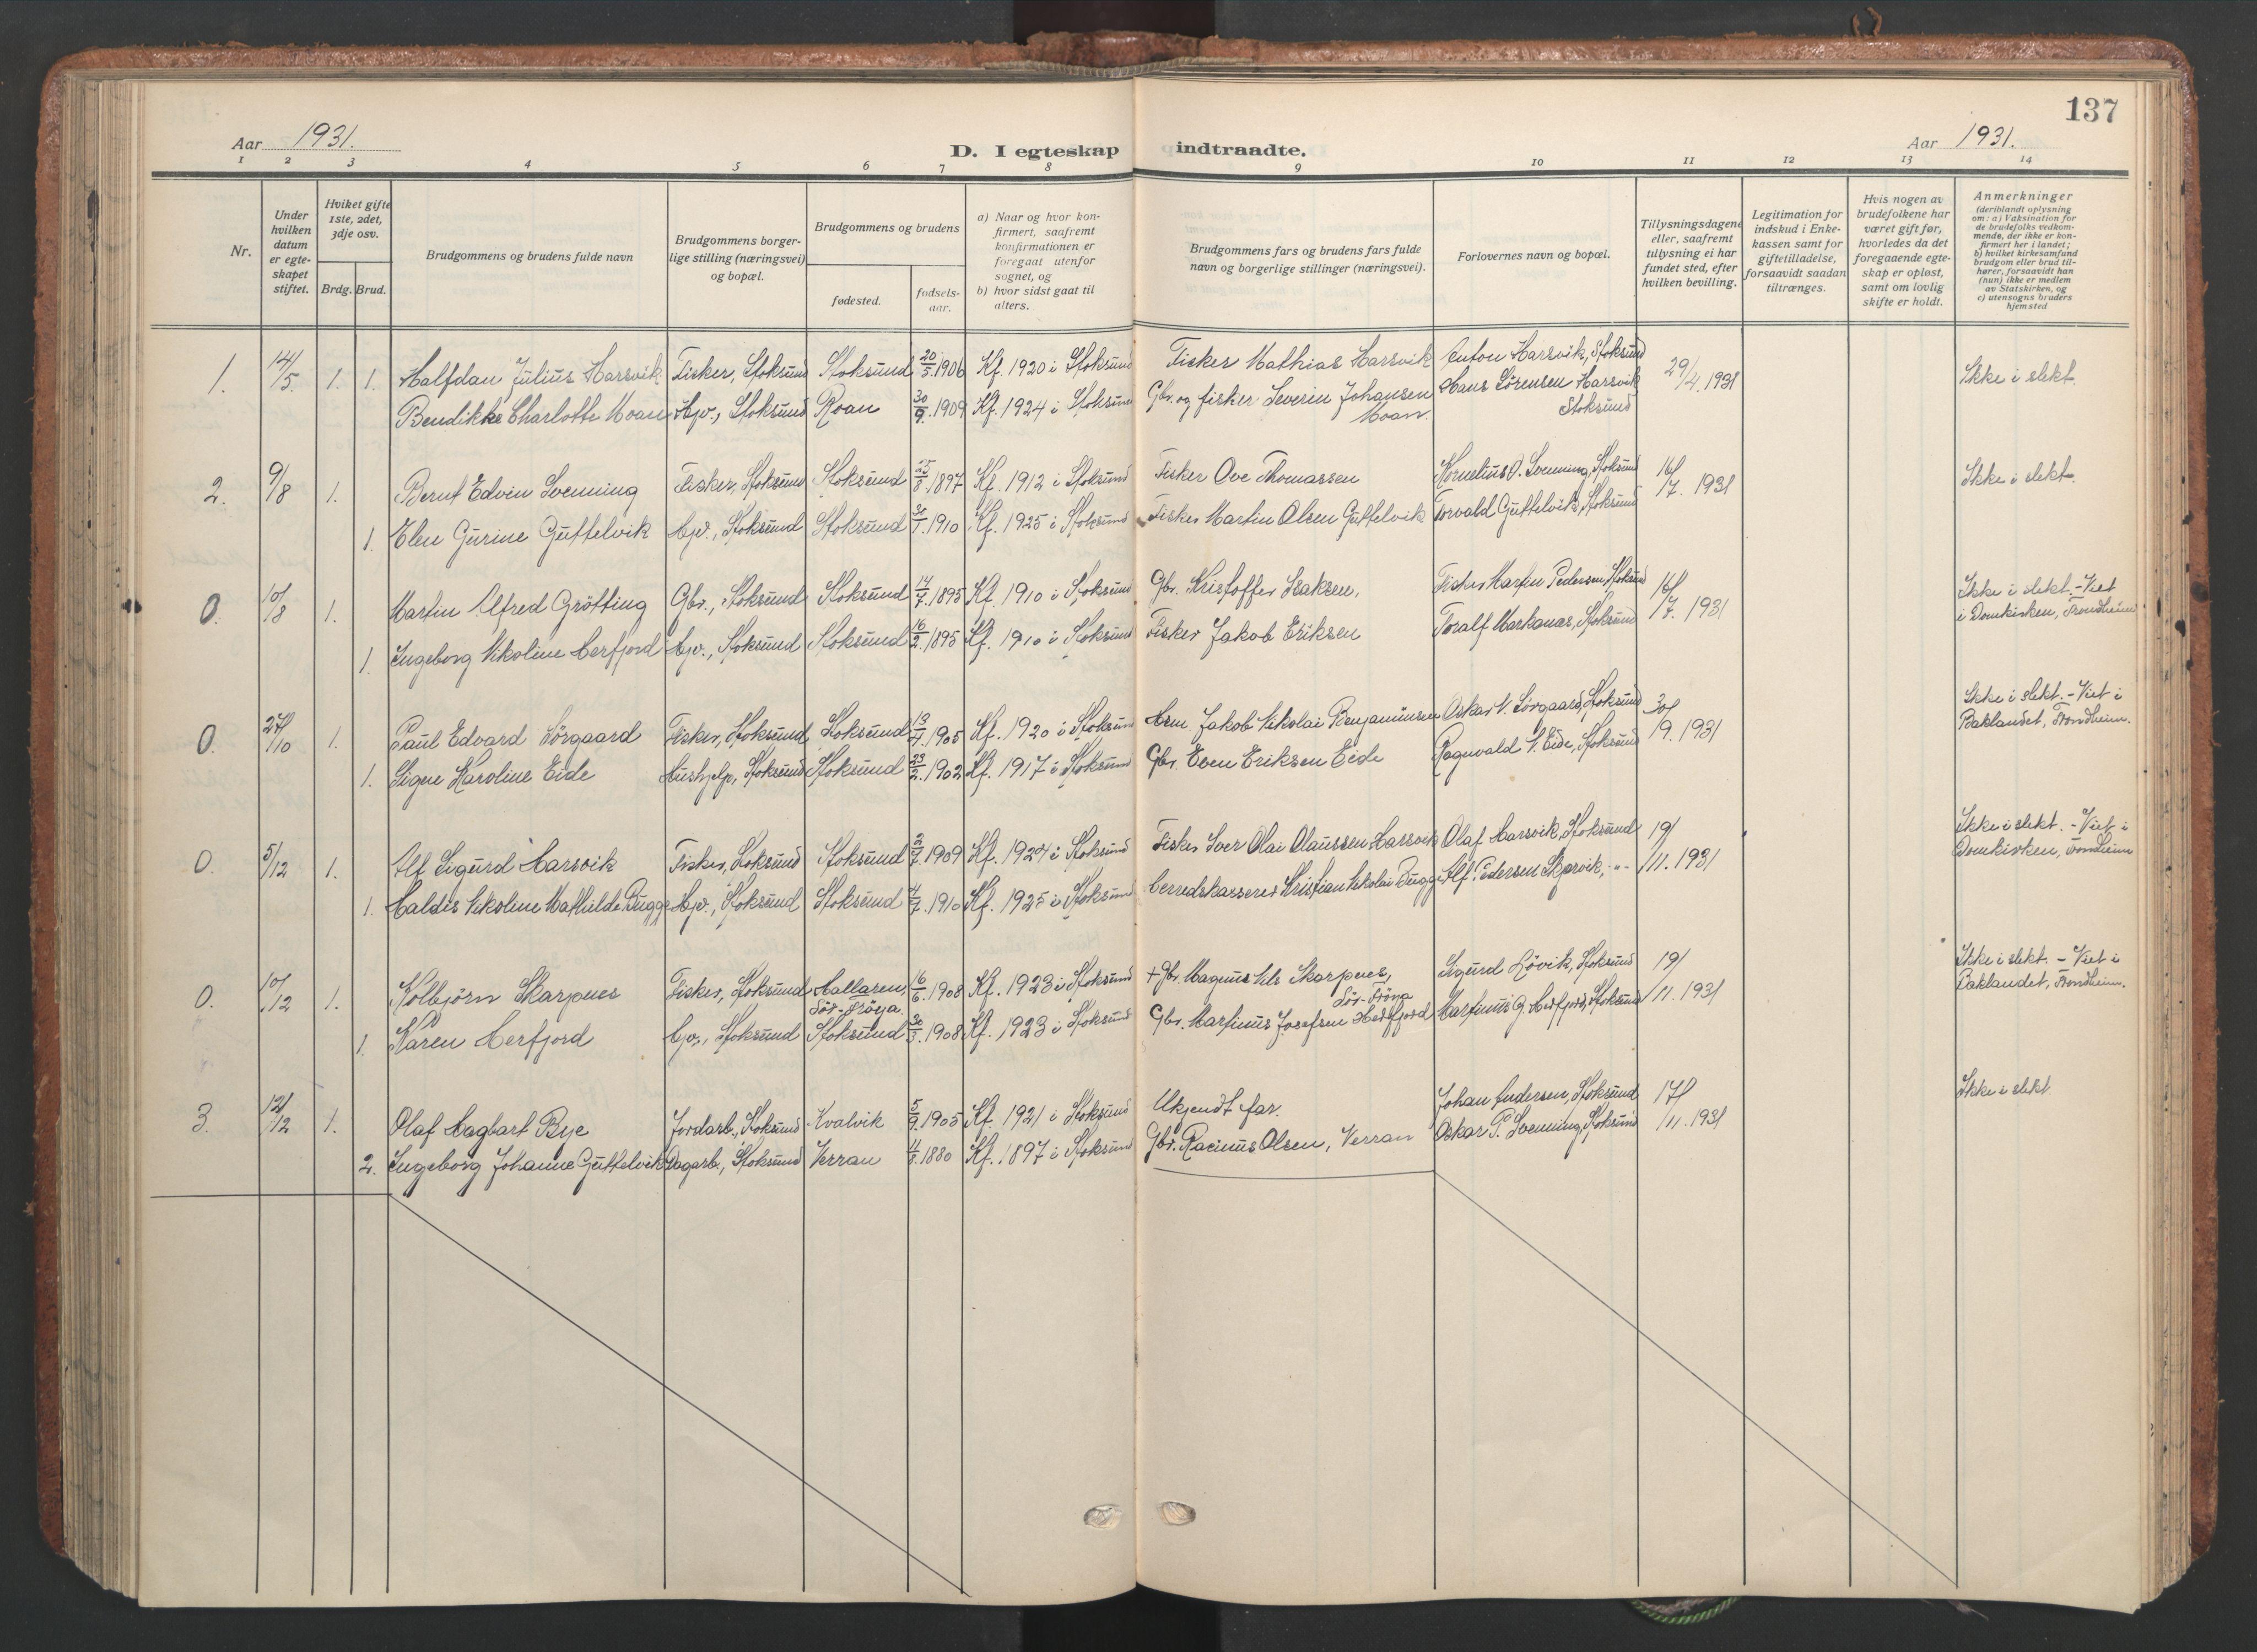 SAT, Ministerialprotokoller, klokkerbøker og fødselsregistre - Sør-Trøndelag, 656/L0694: Ministerialbok nr. 656A03, 1914-1931, s. 137